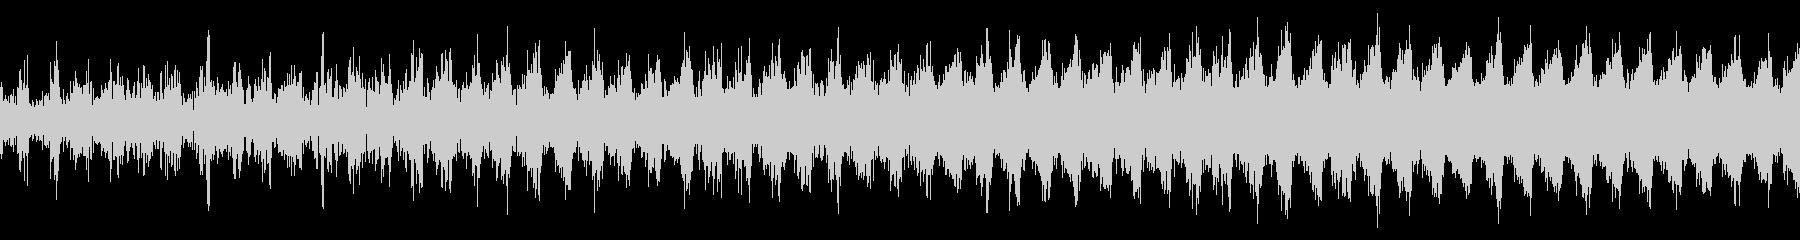 【ゲーム・アプリ】ライザー FX_01の未再生の波形